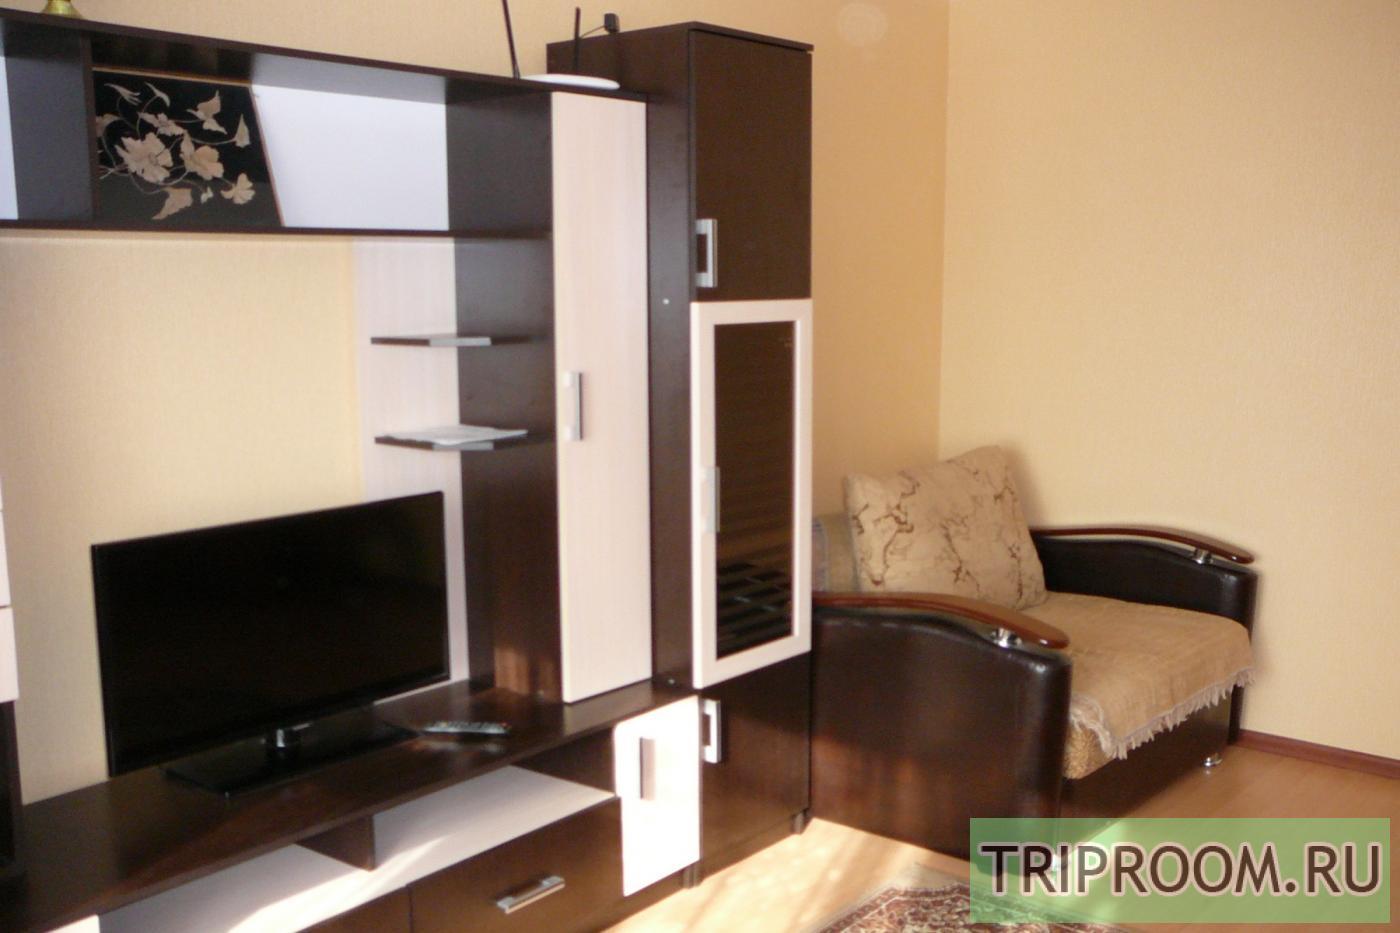 1-комнатная квартира посуточно (вариант № 20895), ул. Ленинский пр-т, фото № 6